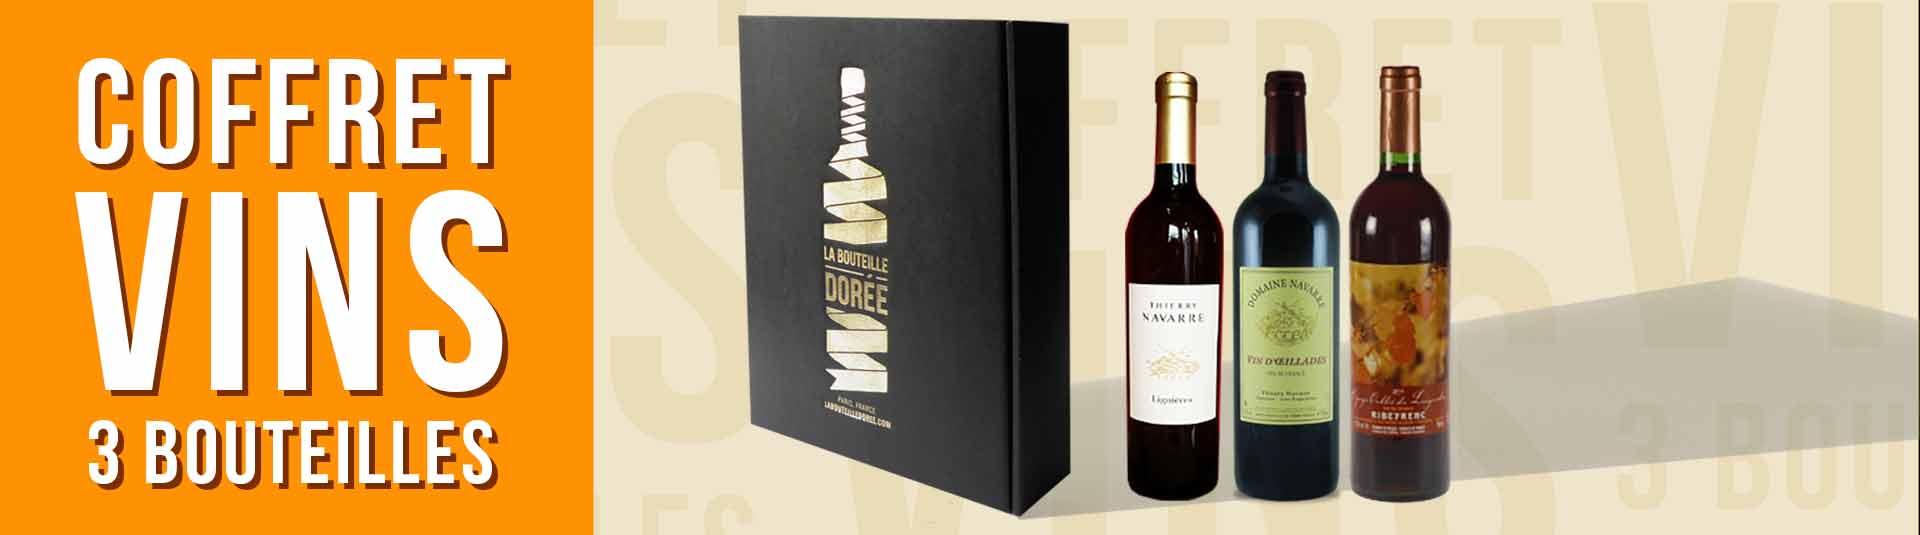 Cépares rares - Coffret vin 3 bouteilles